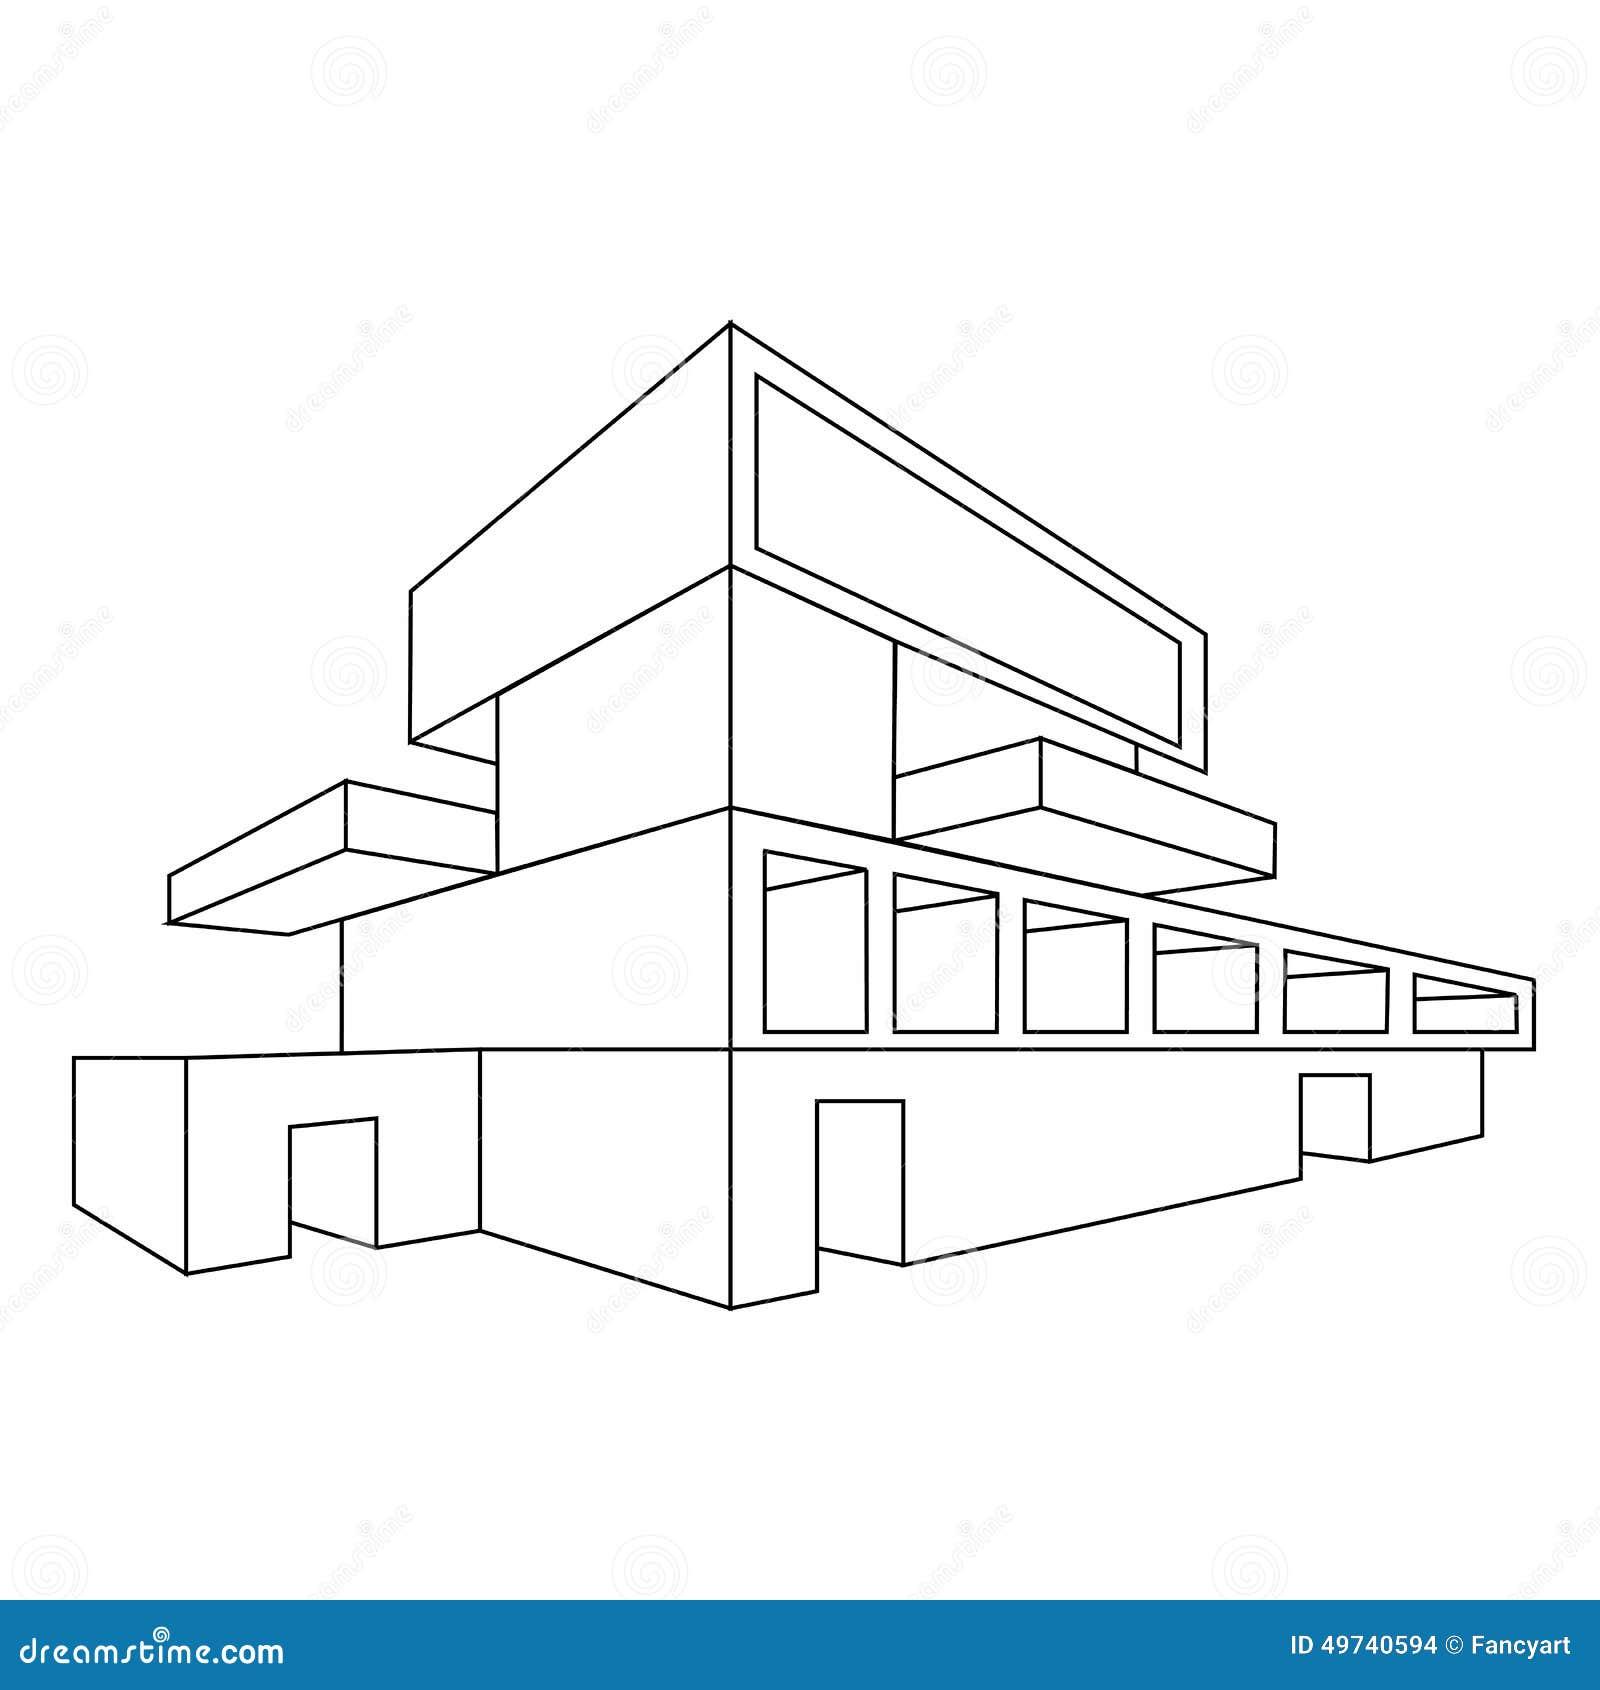 Dessins De Maison En Perspective : D dessin de perspective maison illustration vecteur